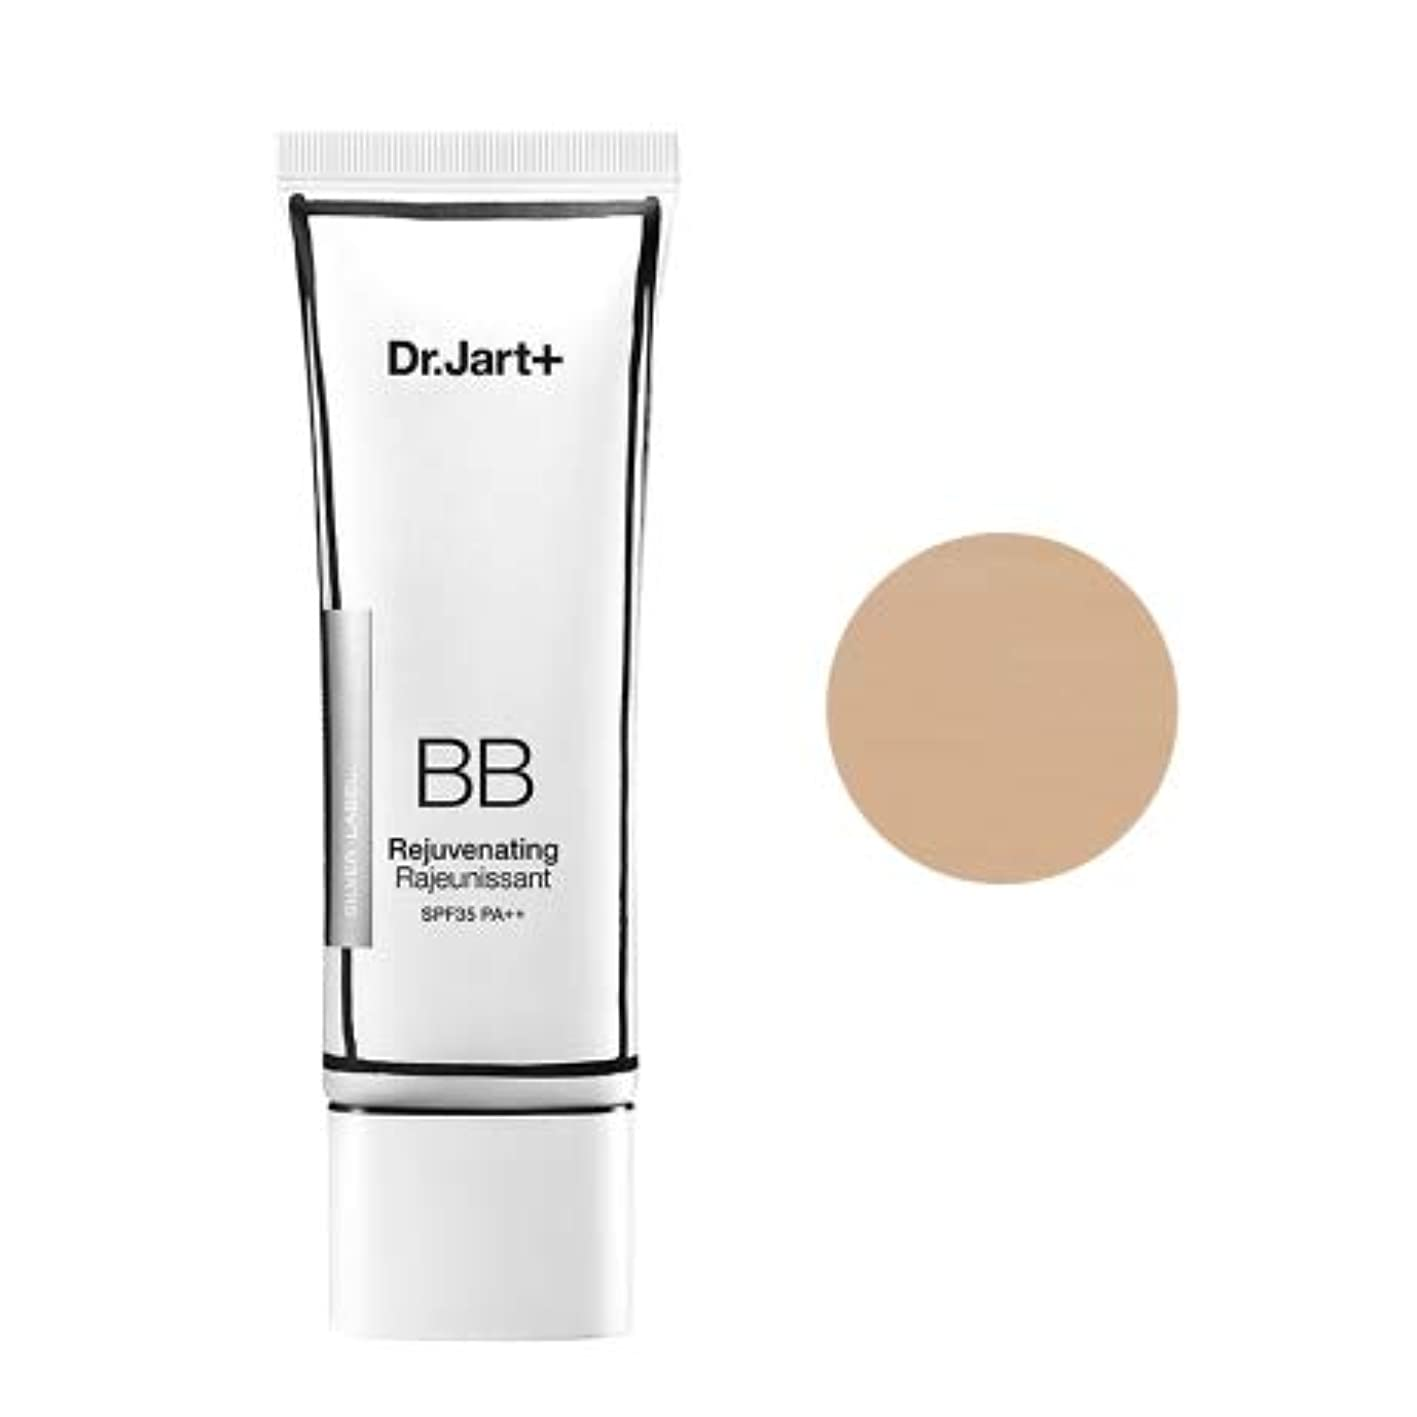 読者アナログ入植者[Upgrade] Dr.Jart+Dermakeup Rejuvenating Beauty Balm SPF35 PA++ 50ml /ドクタージャルトゥザメーキャップリージュビネイティンビューティーバーム SPF35 PA++ 50ml [並行輸入品]